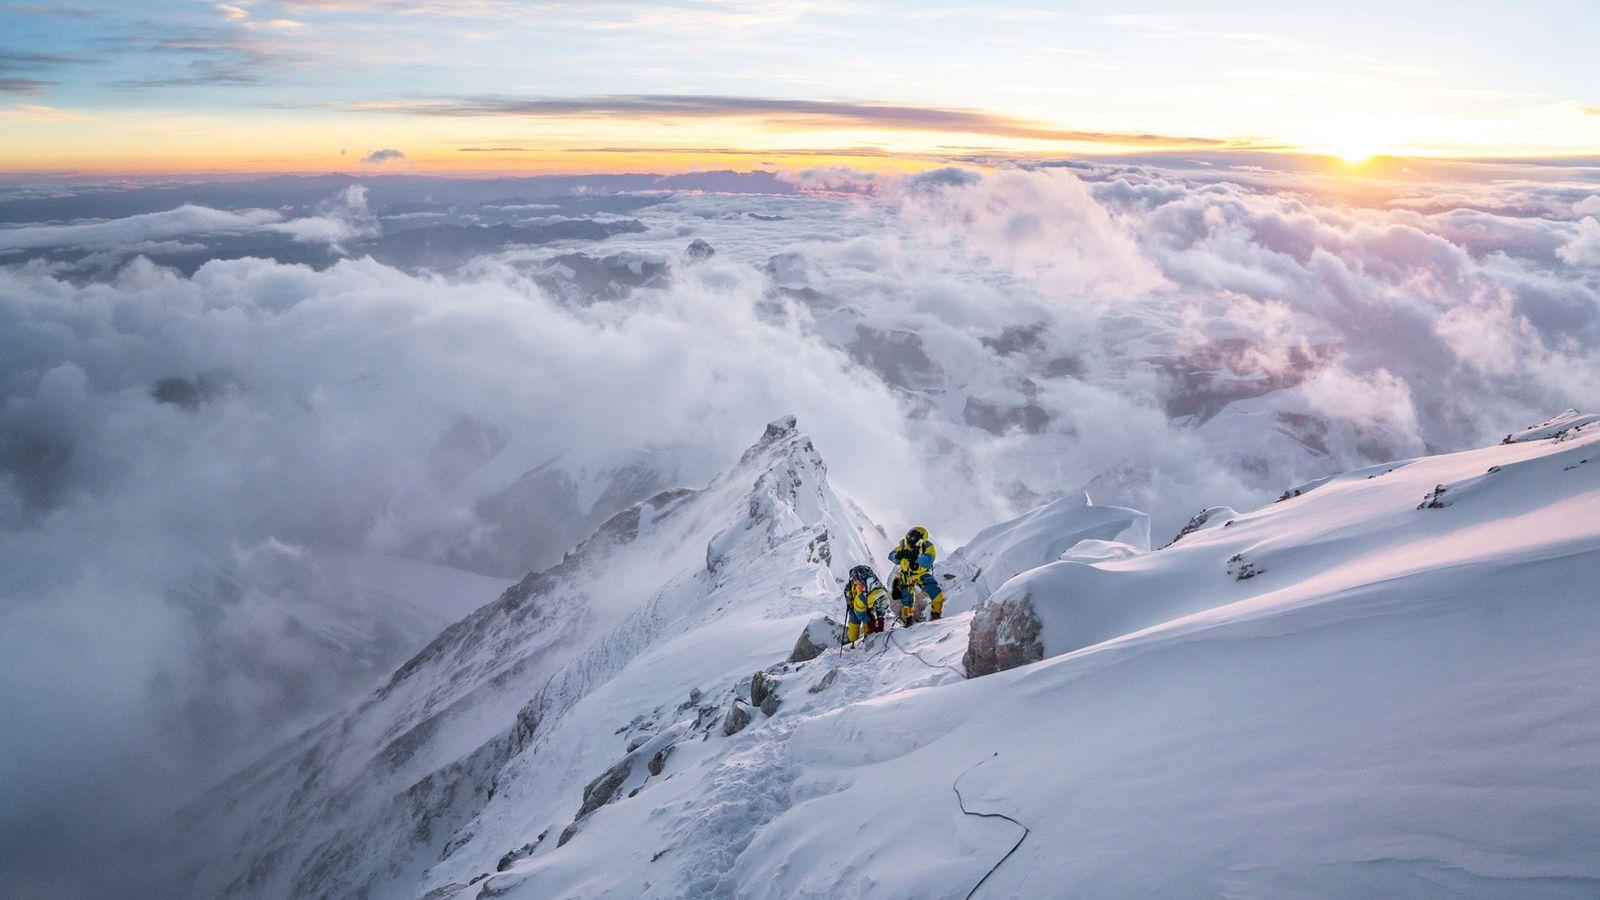 Deux alpinistes atteignent la troisième étape du traditionnel itinéraire sur l'arête nord de l'Everest, située à ...